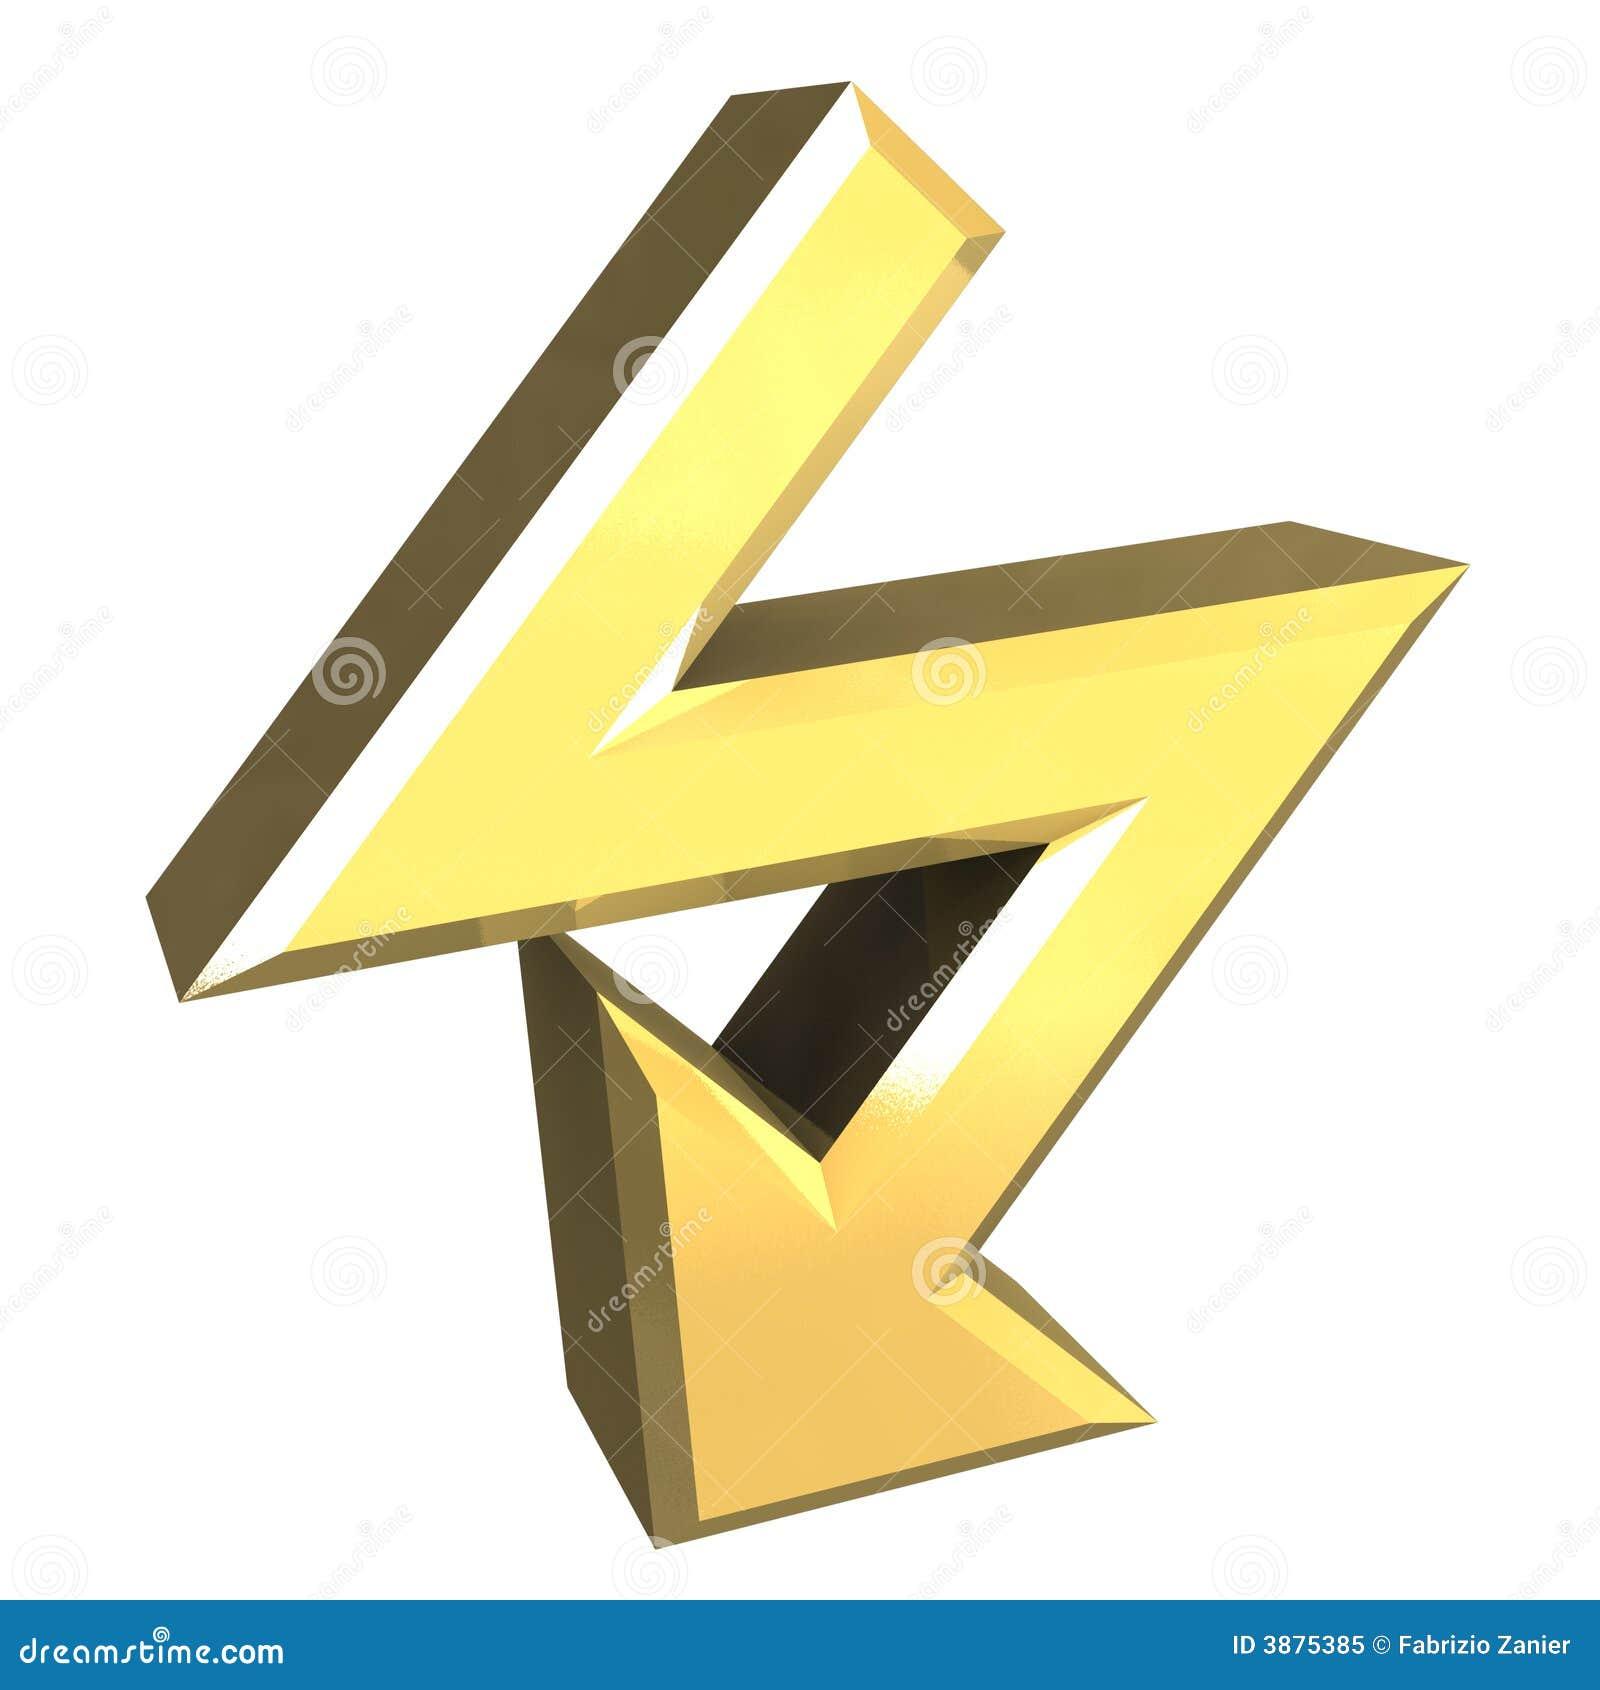 Simbolo della freccia in oro - 3D